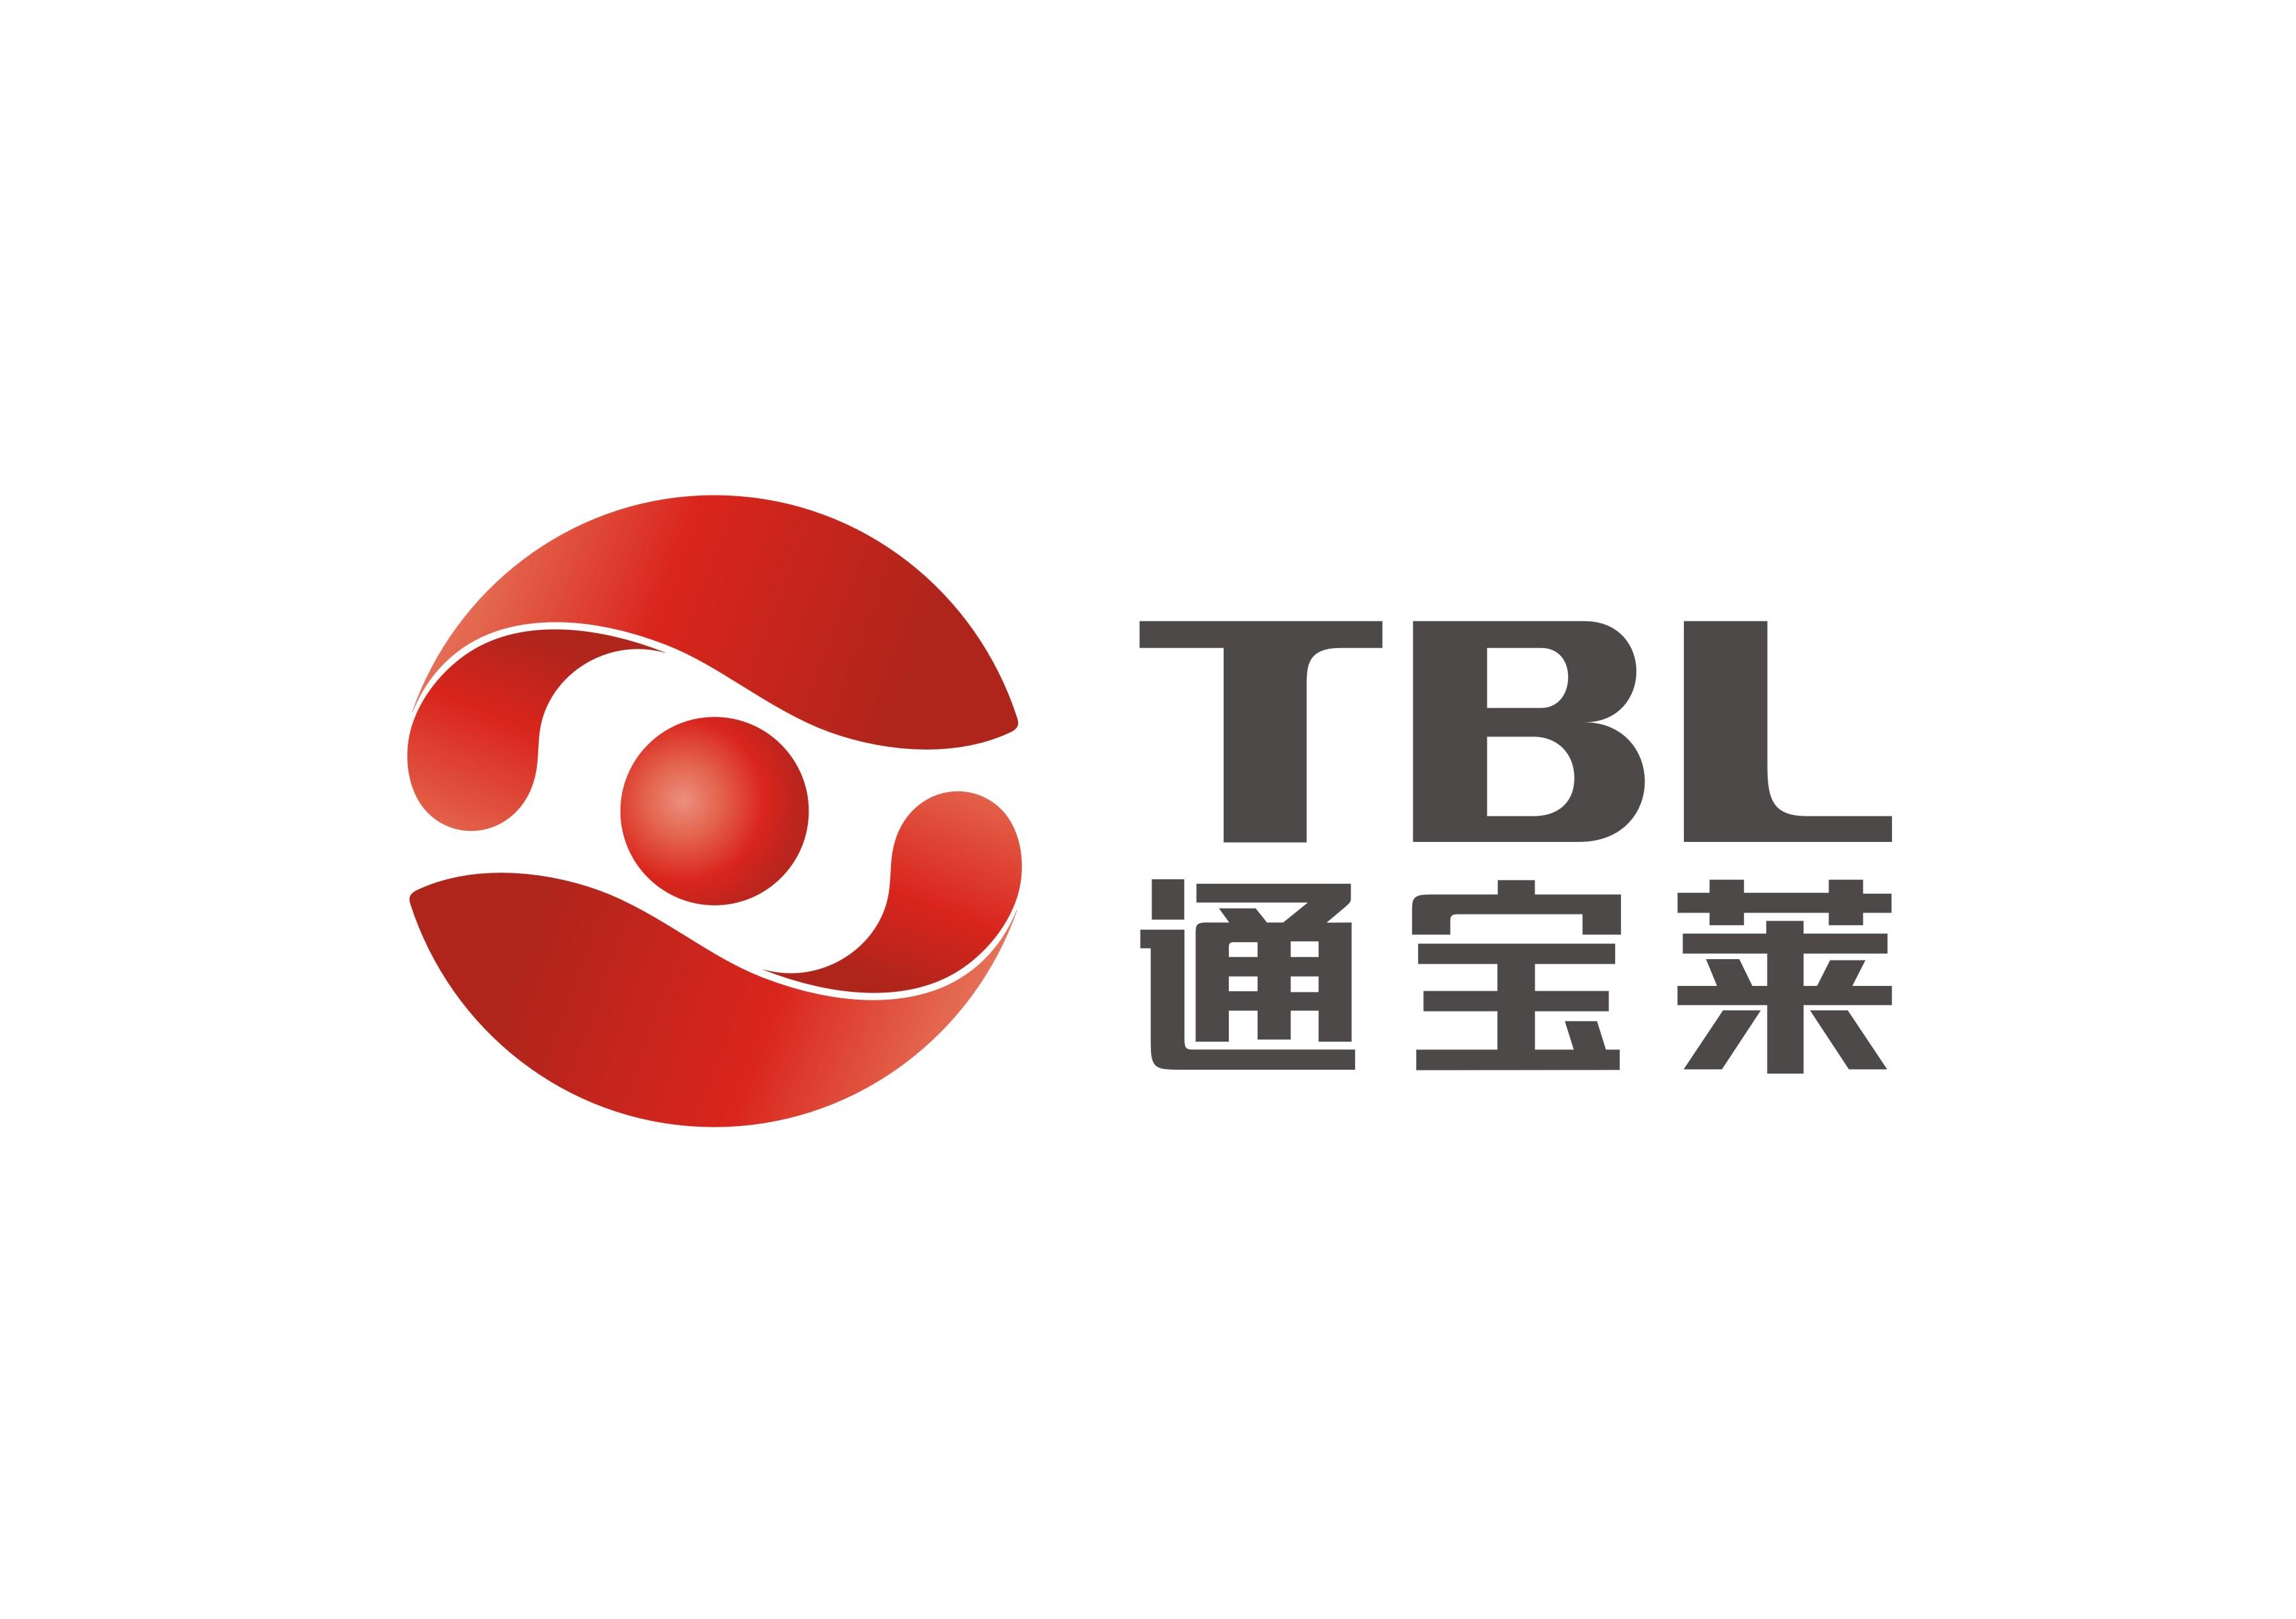 深圳市通宝莱科技有限公司